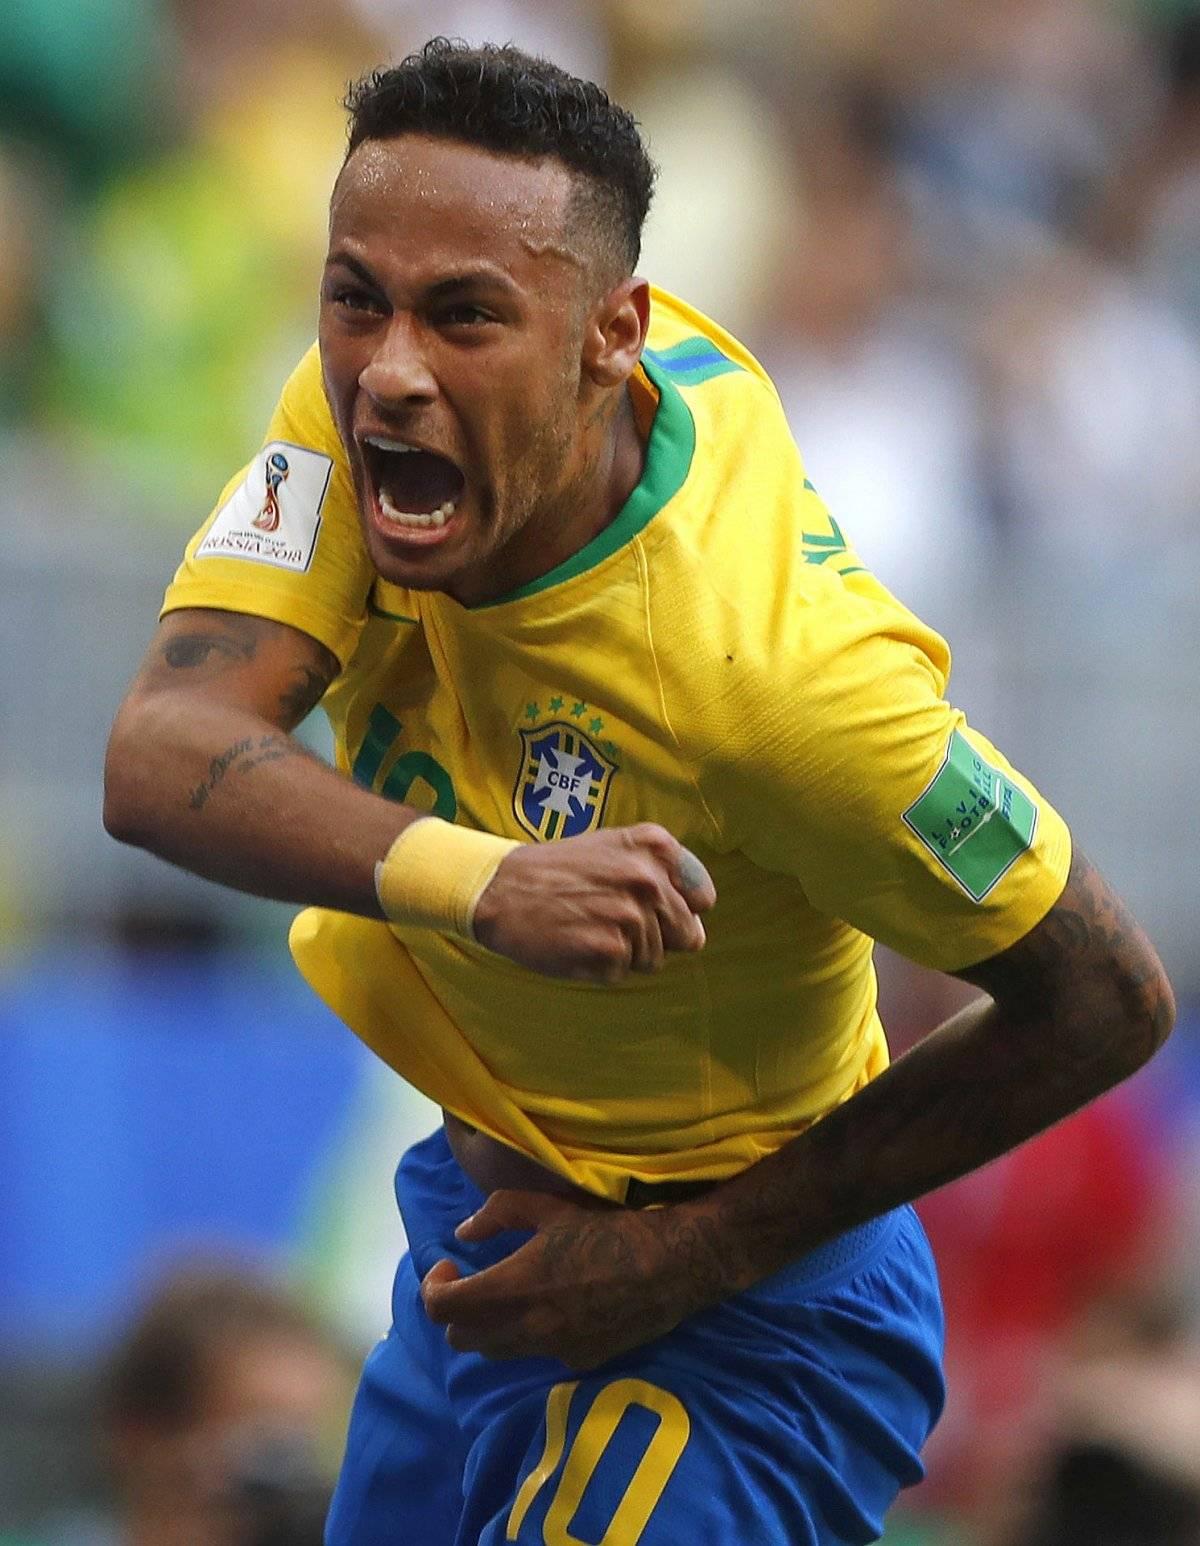 Rusia 2018: Brasil y Uruguay únicos suramericanos que quedan con vida en el Mundial AP